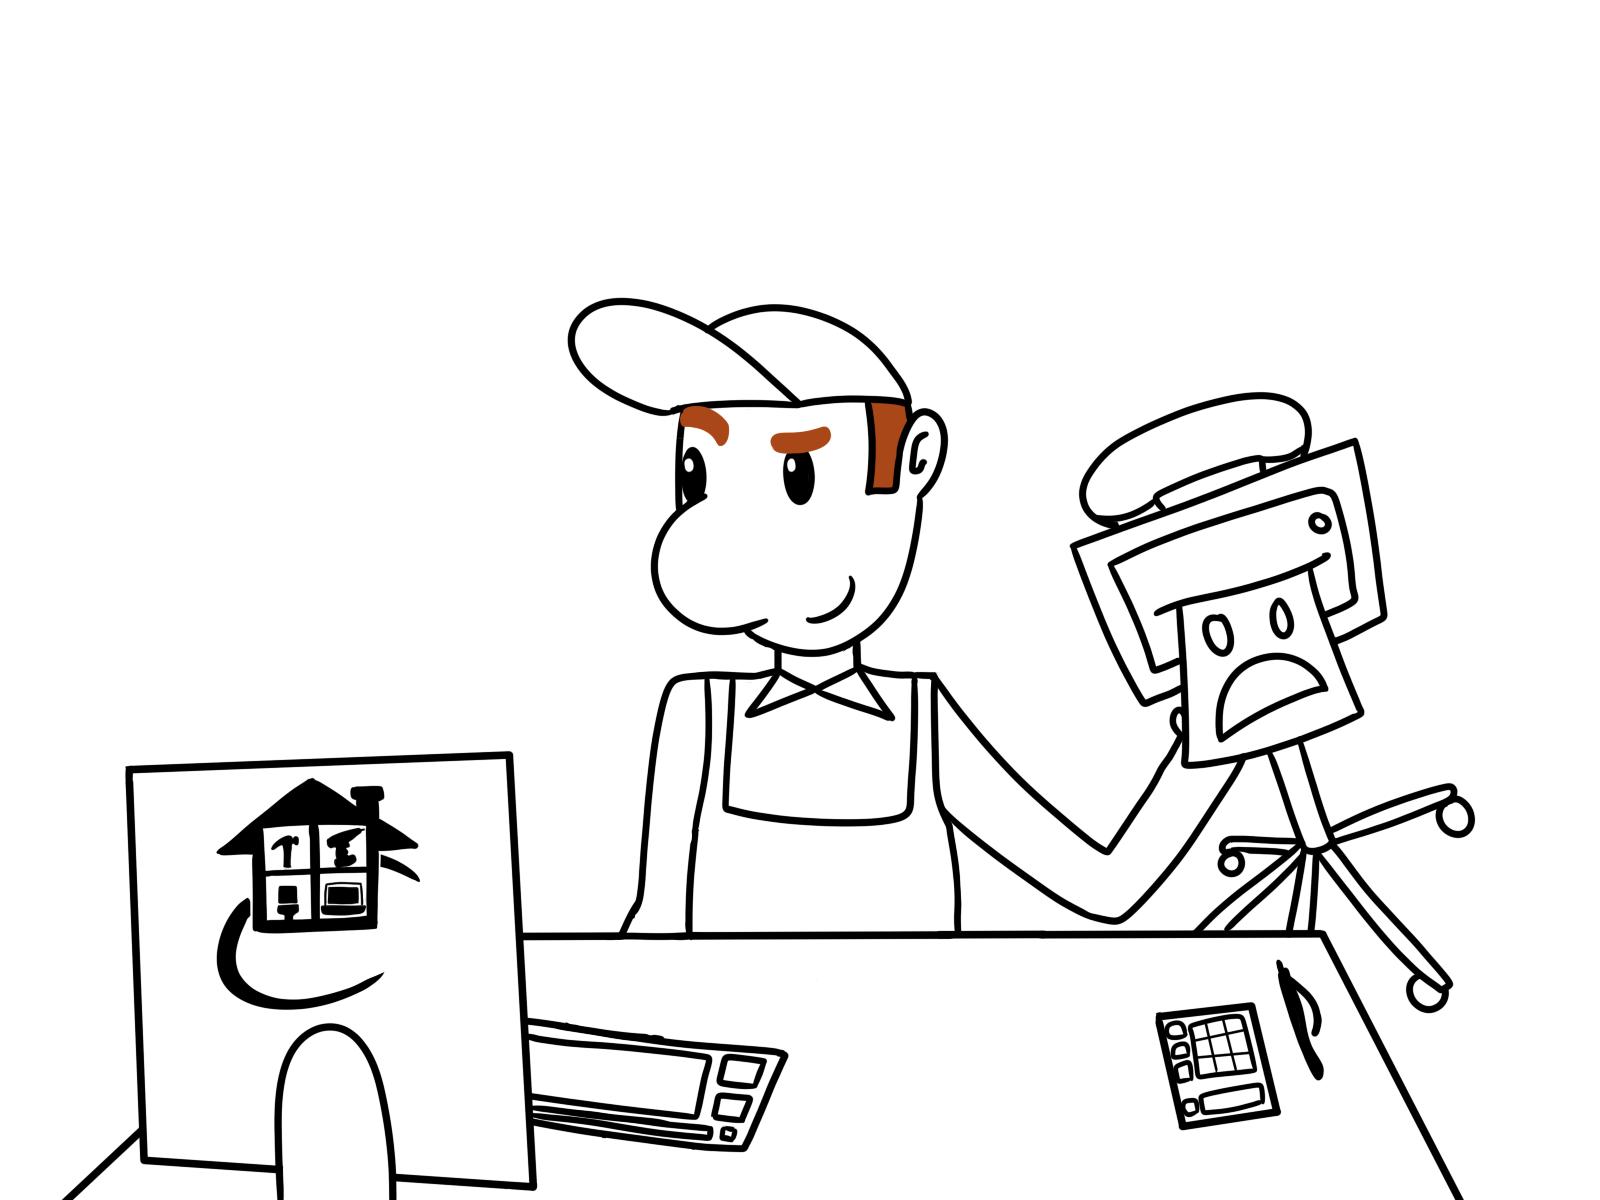 Ein Angebot schreiben was muss ich als Handwerker beachten?